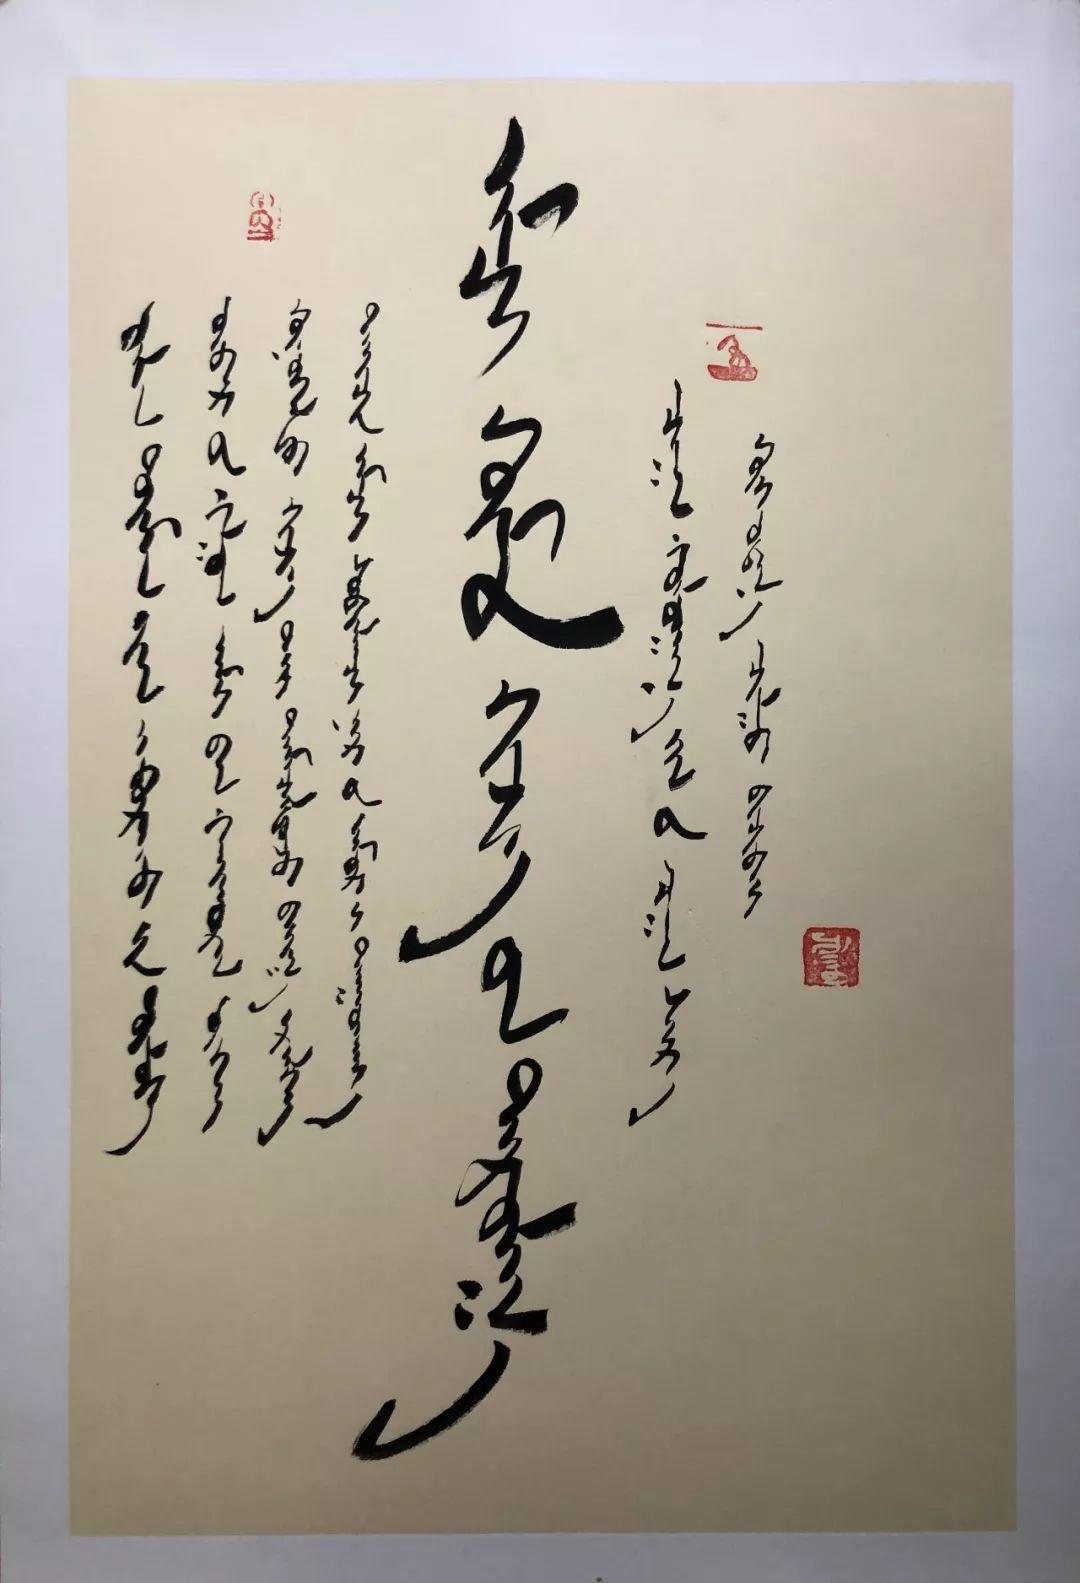 内蒙古书法家在行动:笔墨凝斗志,作品助抗疫 第9张